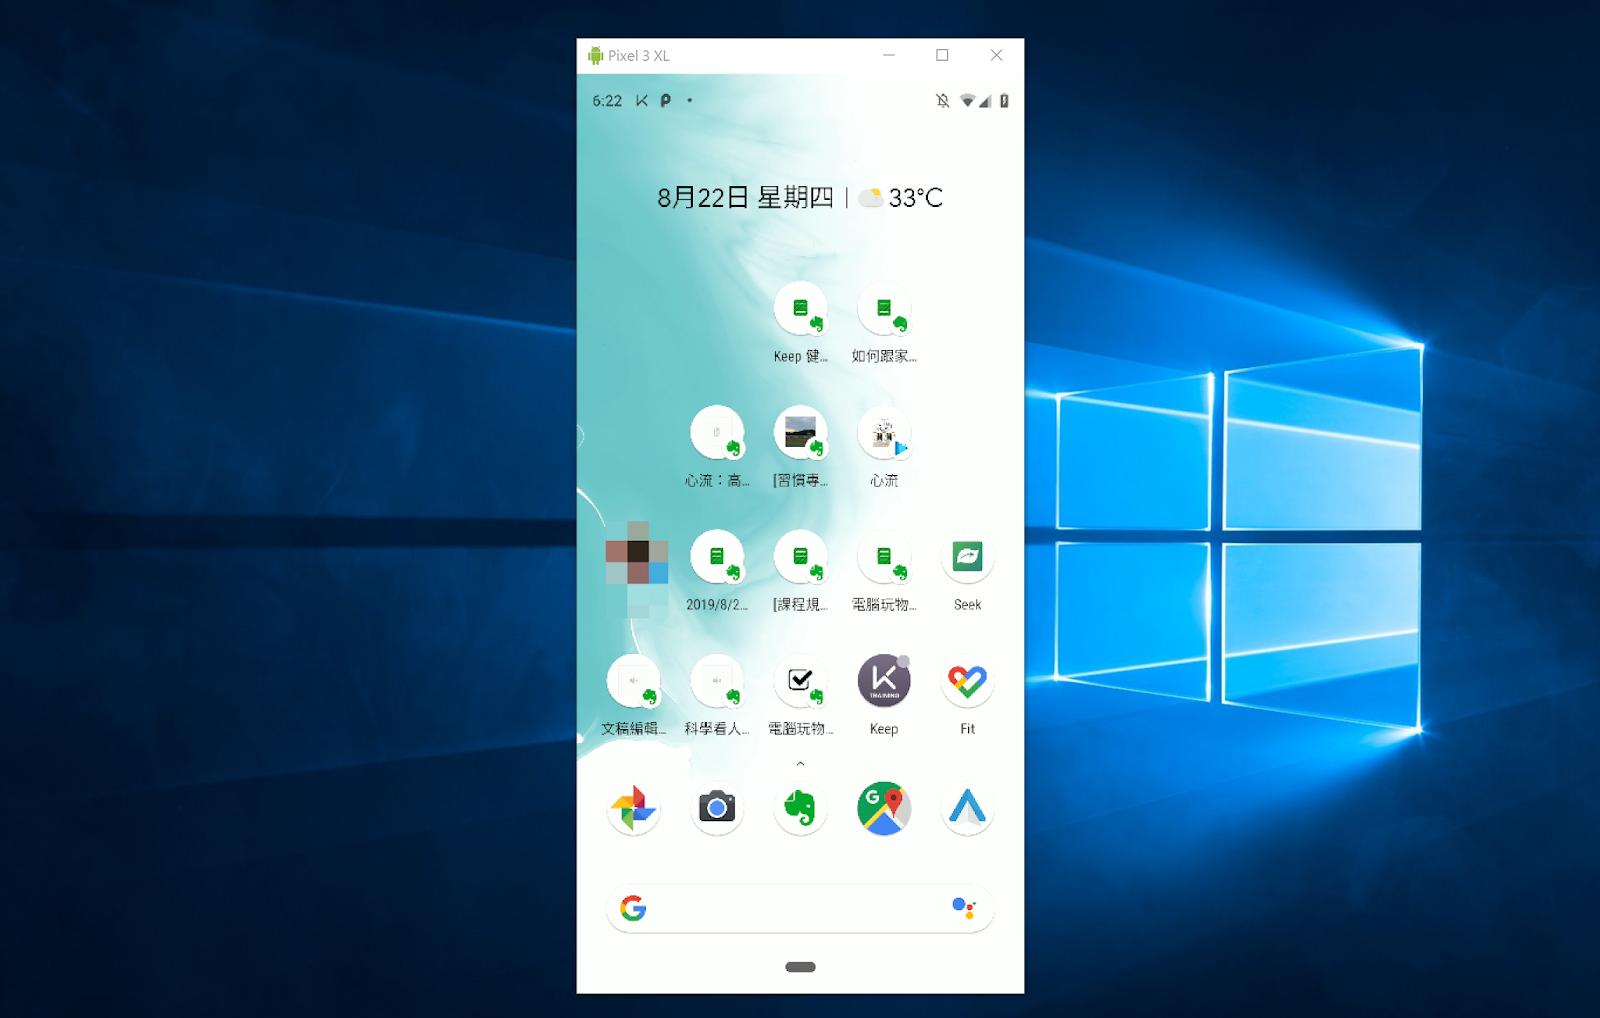 Scrcpy 免裝App 讓Android 手機投影到電腦,還可電腦操控